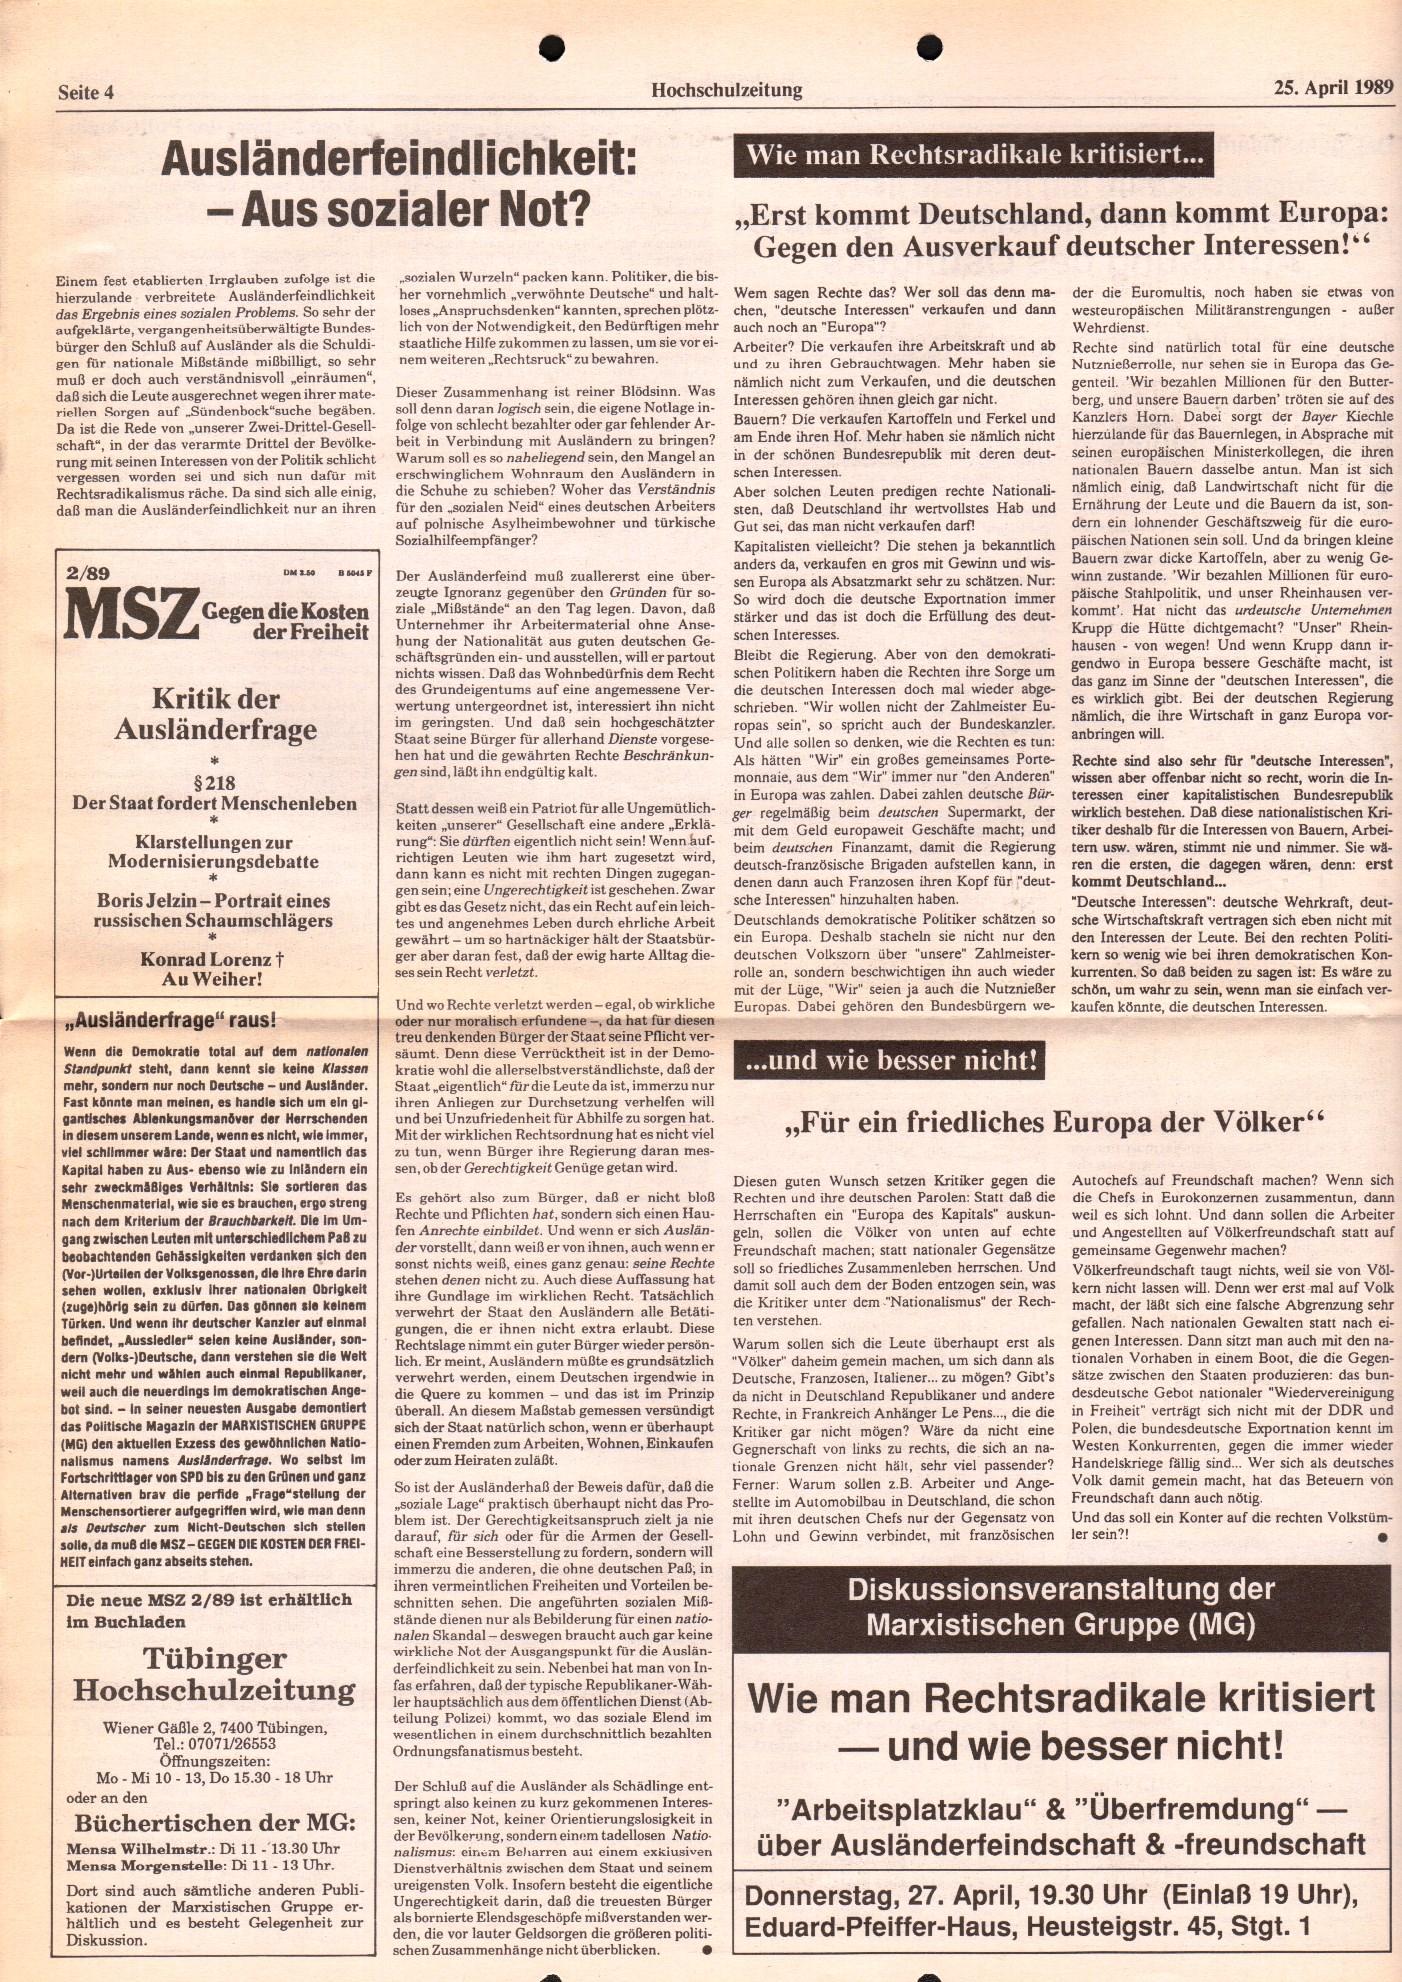 Tuebingen_MG_Hochschulzeitung_1989_05_04